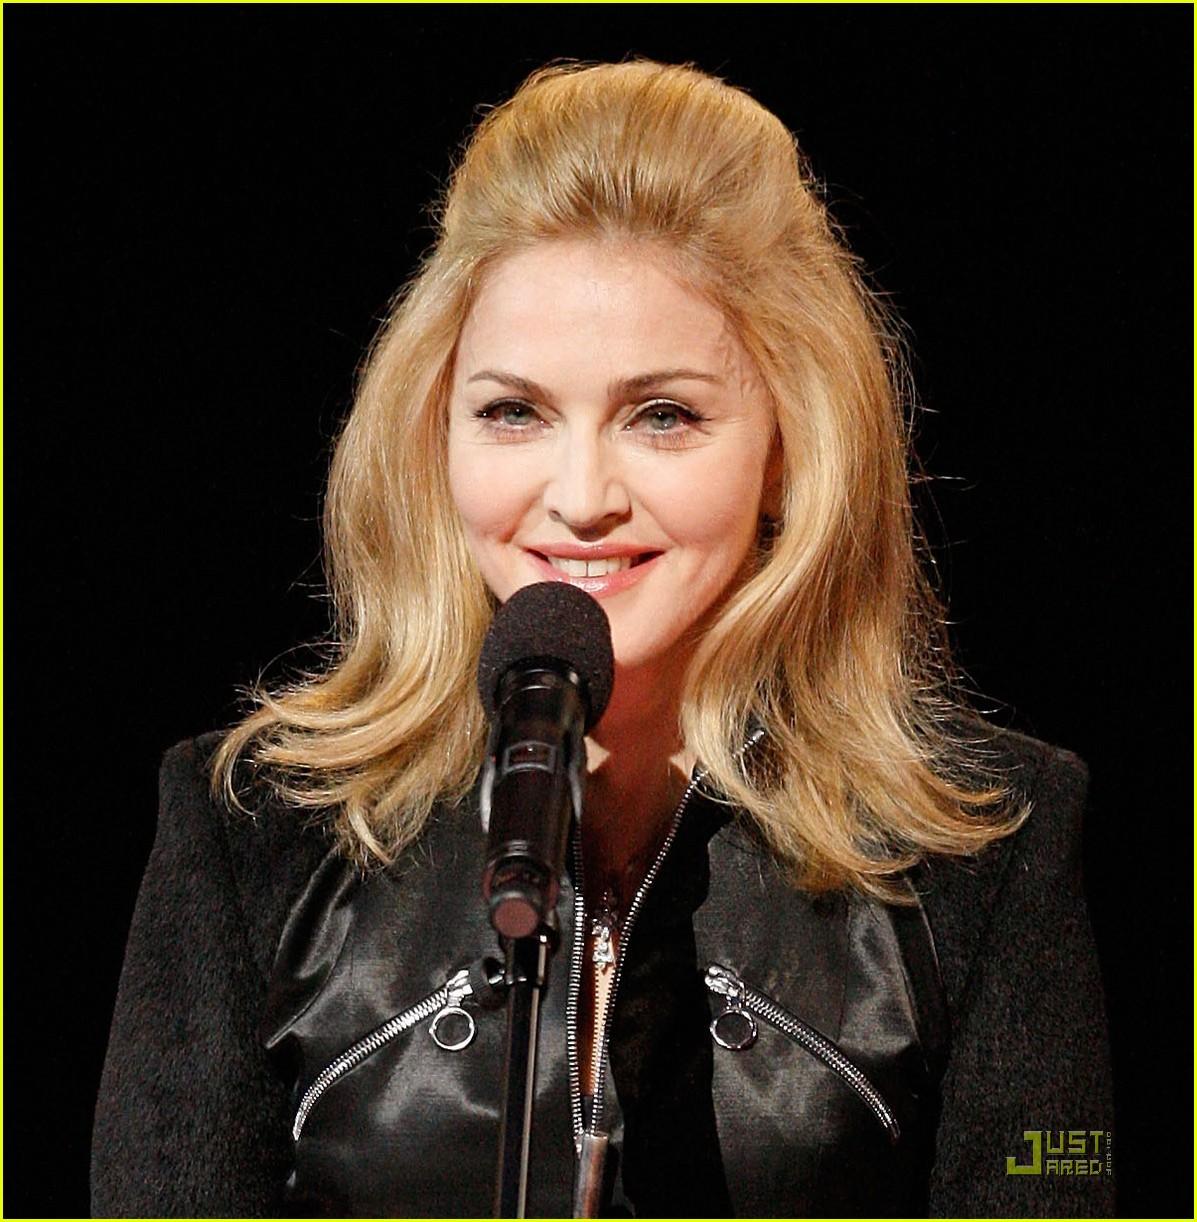 http://4.bp.blogspot.com/-Qj-aIcnyQEc/TrQNJ_BWfmI/AAAAAAAABNA/Rwg-axELAco/s1600/Madonna+II.jpg